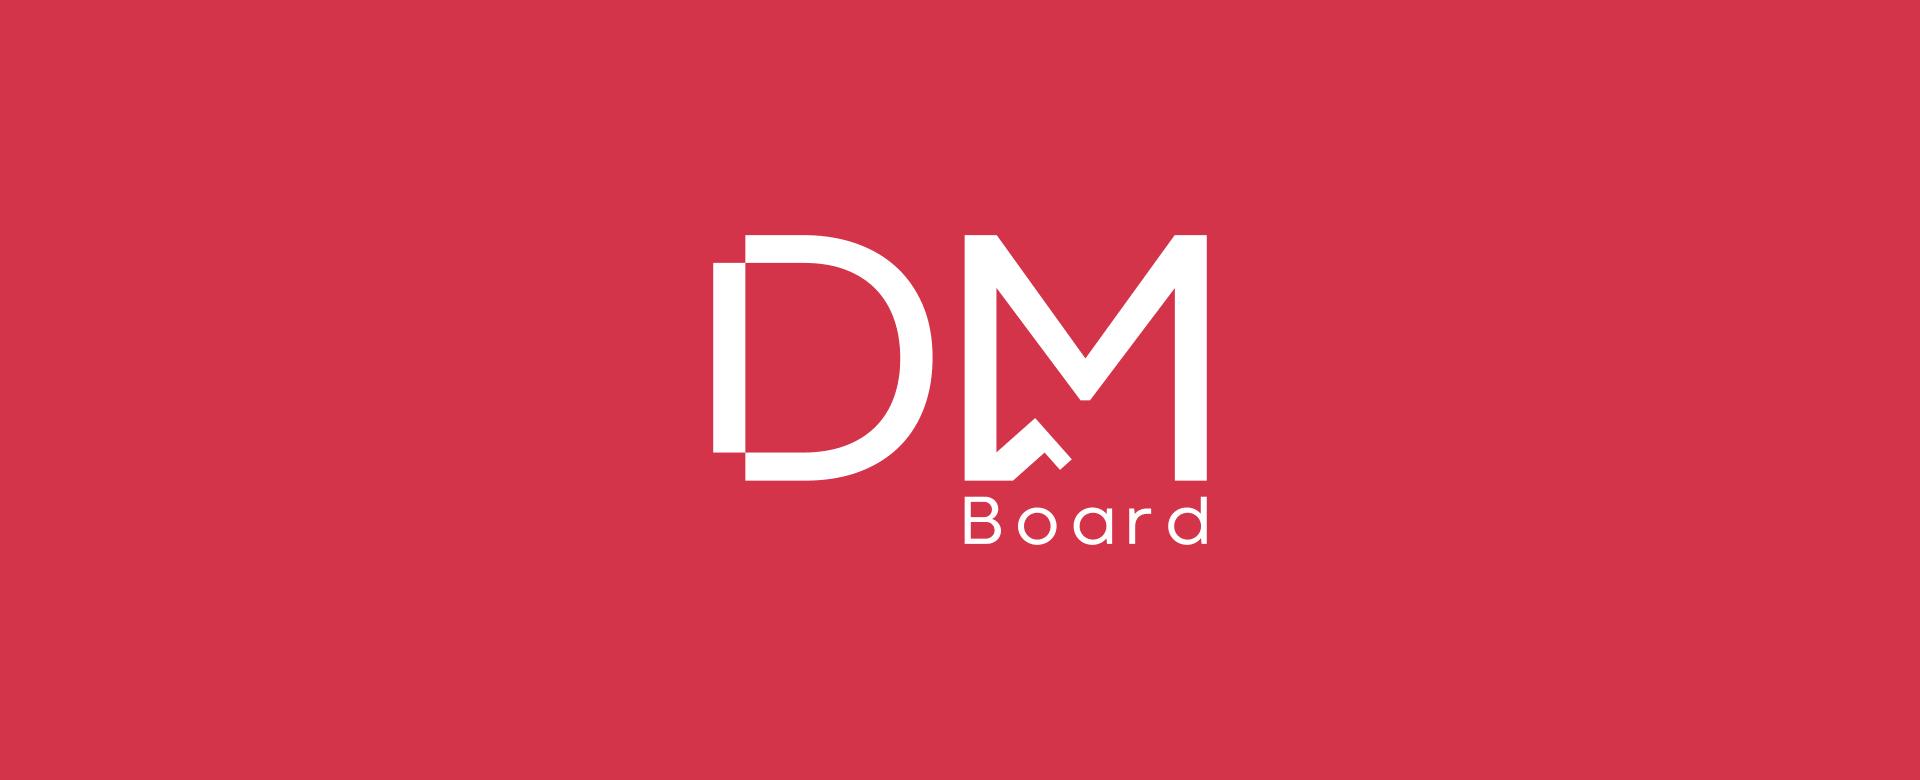 طراحی لوگو هویت بصری دی ام برد آژانس برندسازی ذن zen branding agency DM Booard logo design visual identity (2)-min